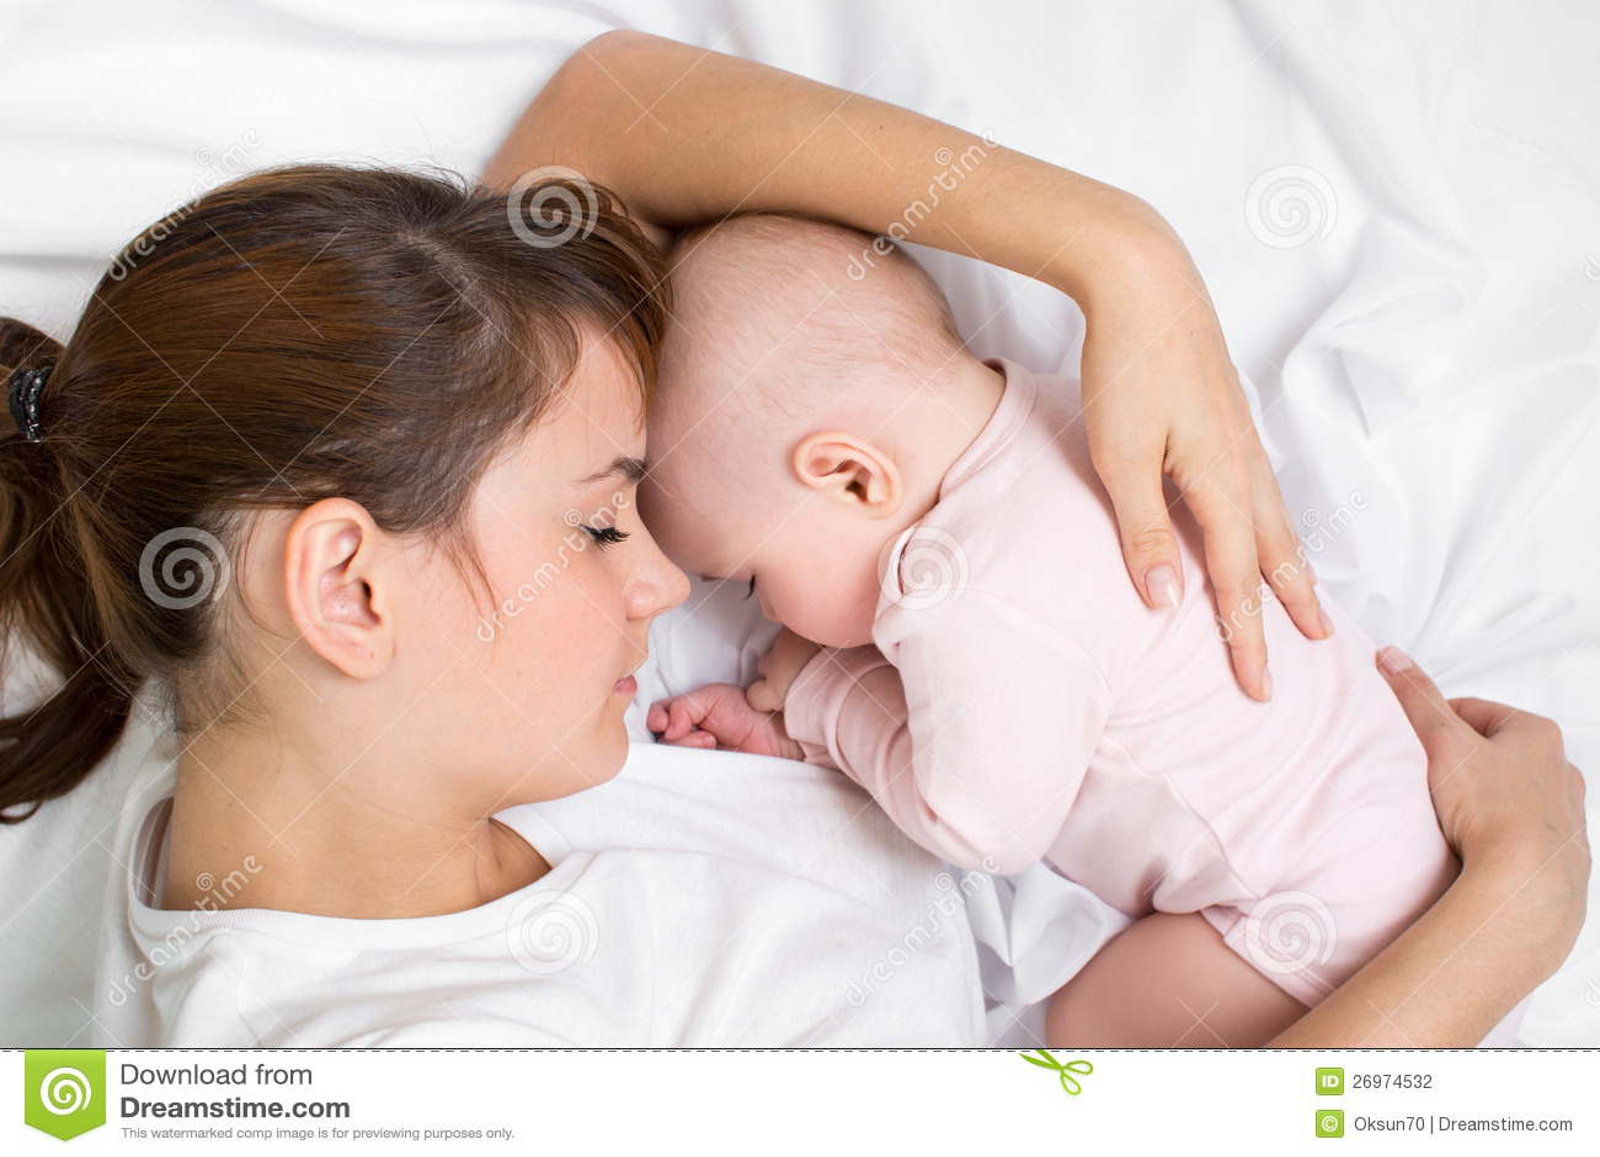 libre y abusado madre